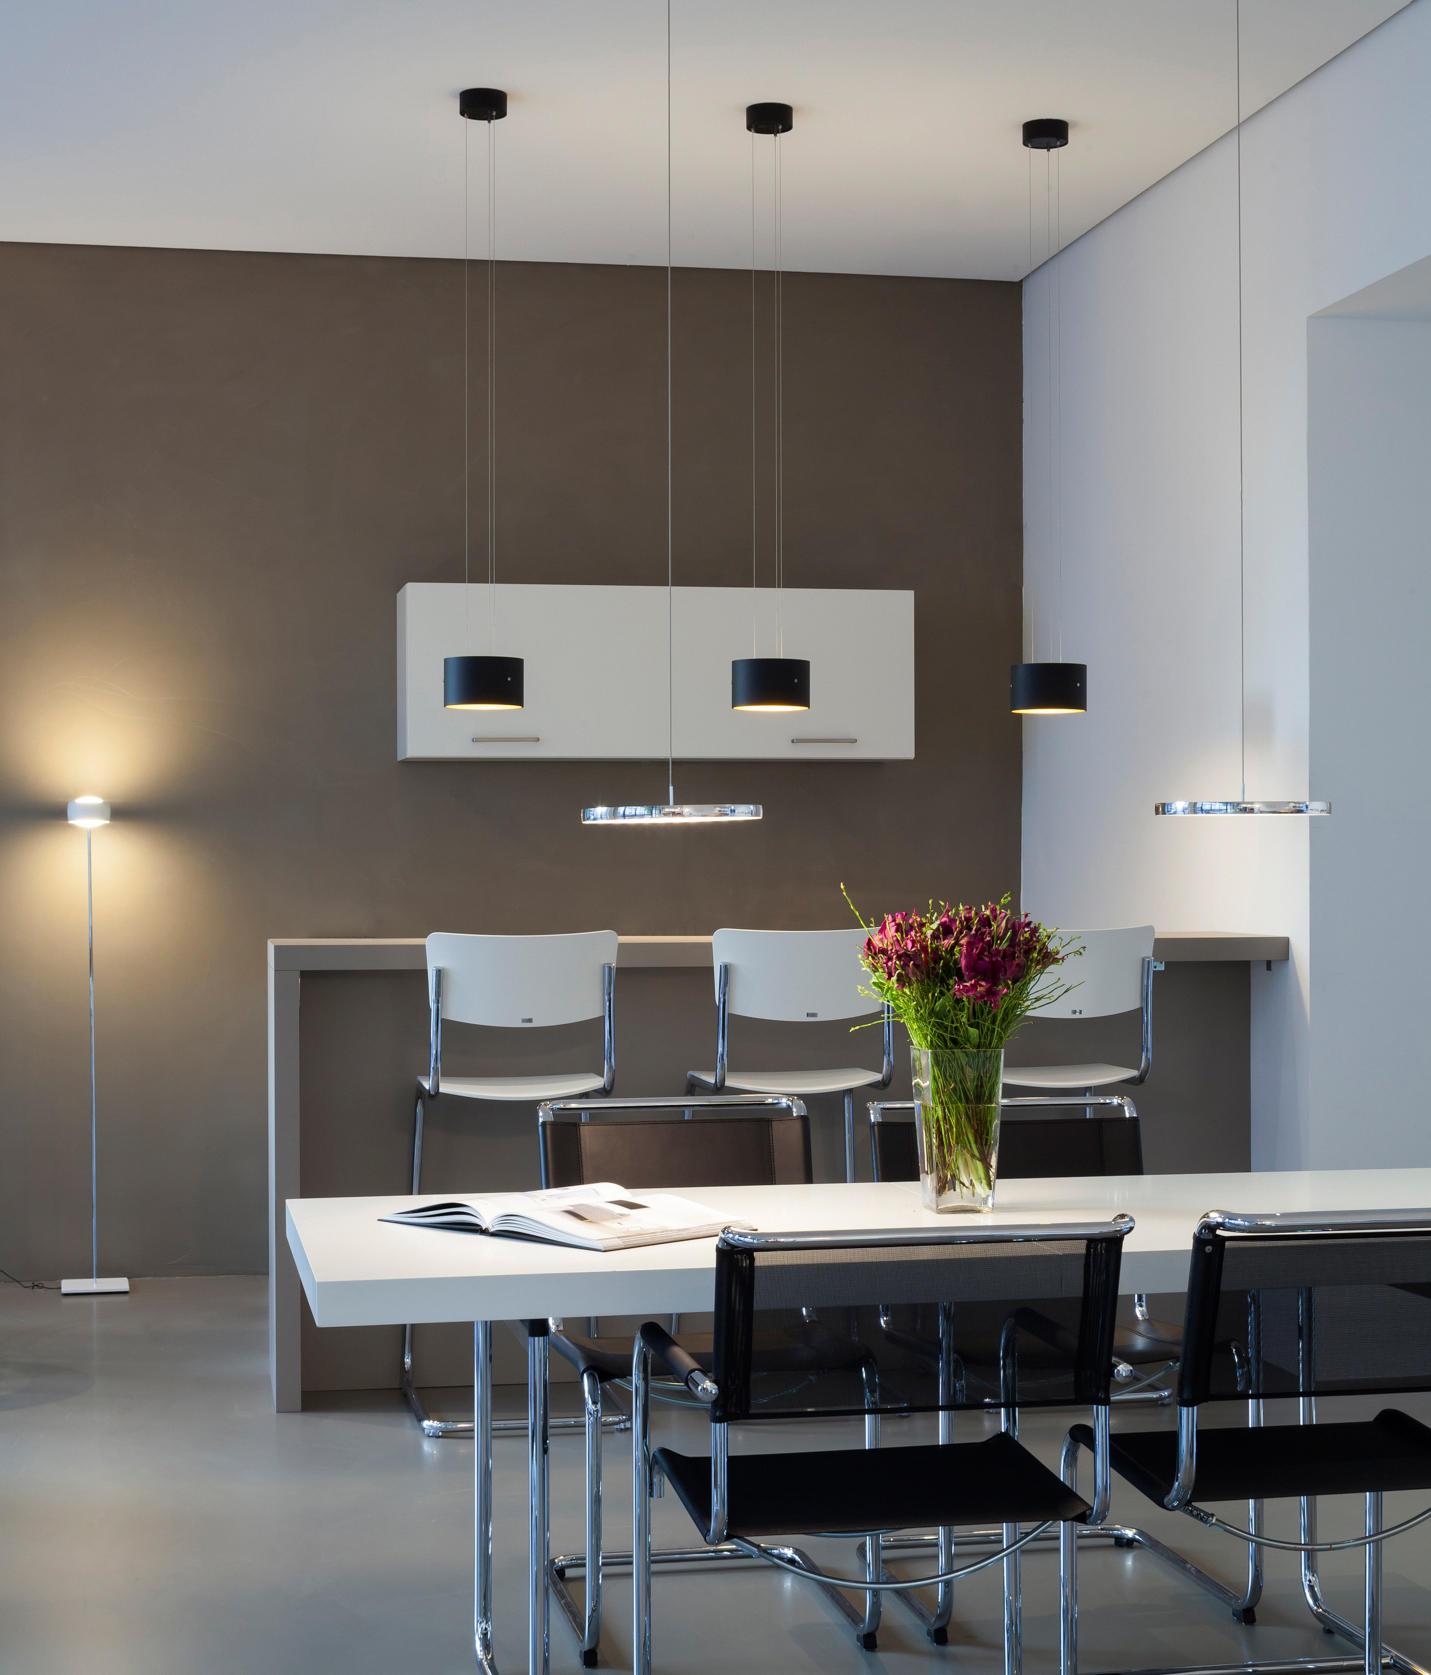 trofeo deckenleuchte allgemeinbeleuchtung von oligo architonic. Black Bedroom Furniture Sets. Home Design Ideas